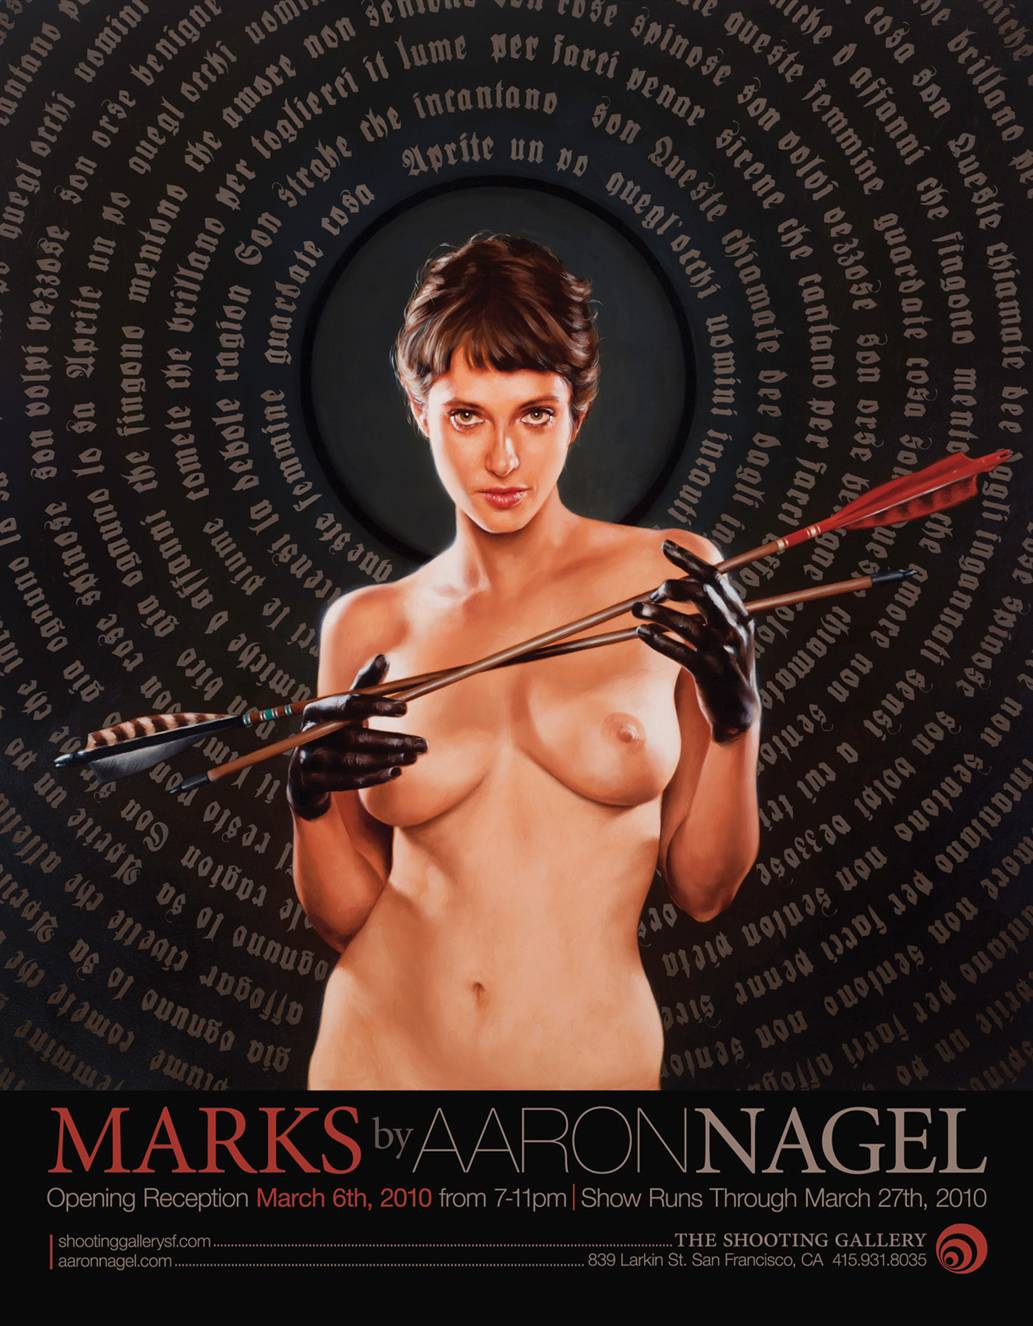 aaron-nagel-card